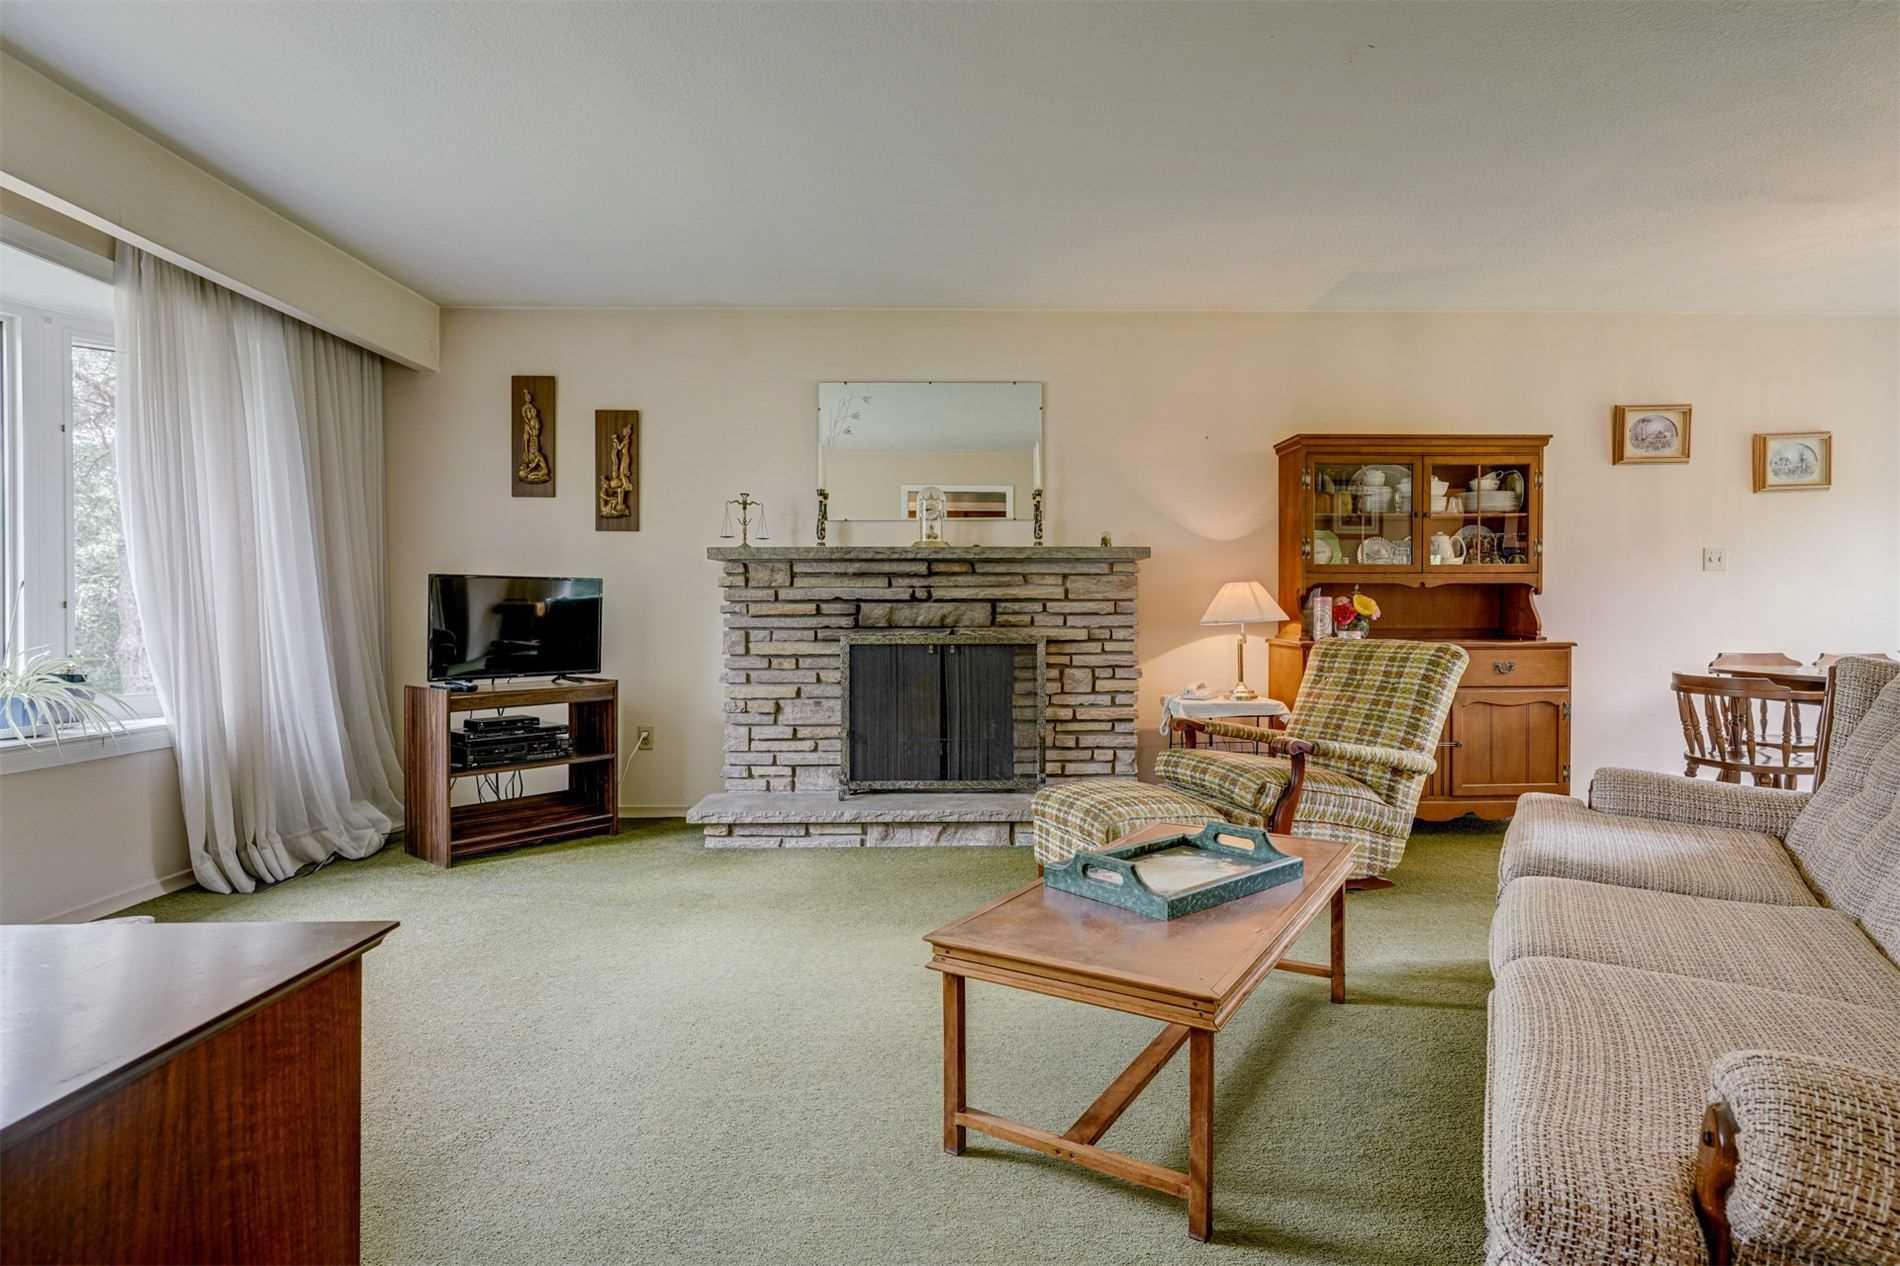 4189 Brock Rd - Uxbridge Detached for sale, 3 Bedrooms (N5311768) - #10